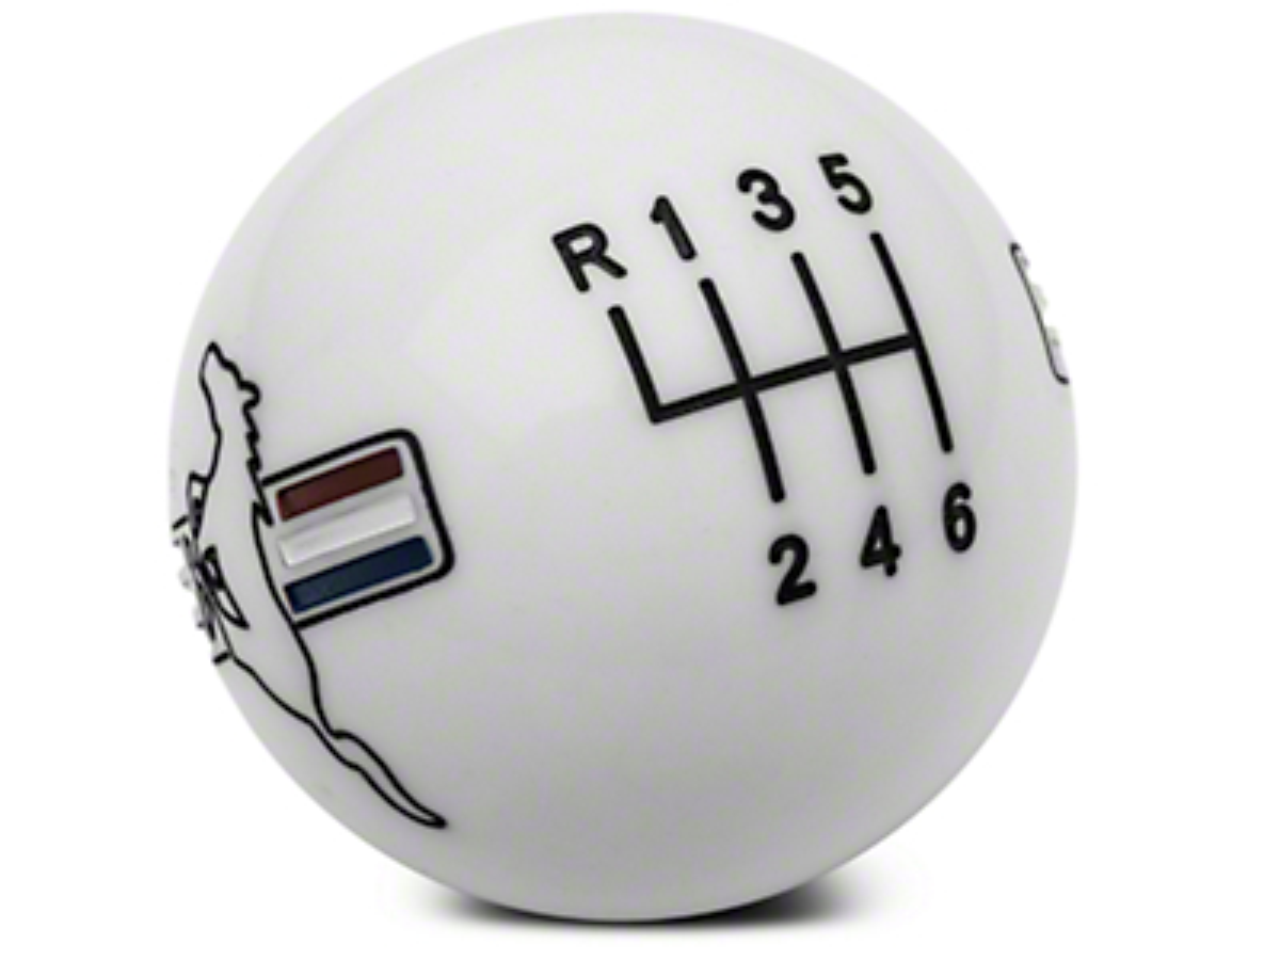 Modern Billet Retro Style 6-Speed Shift Knob w/ Tri-Bar Pony Logo - White (15-17 GT, EcoBoost, V6)